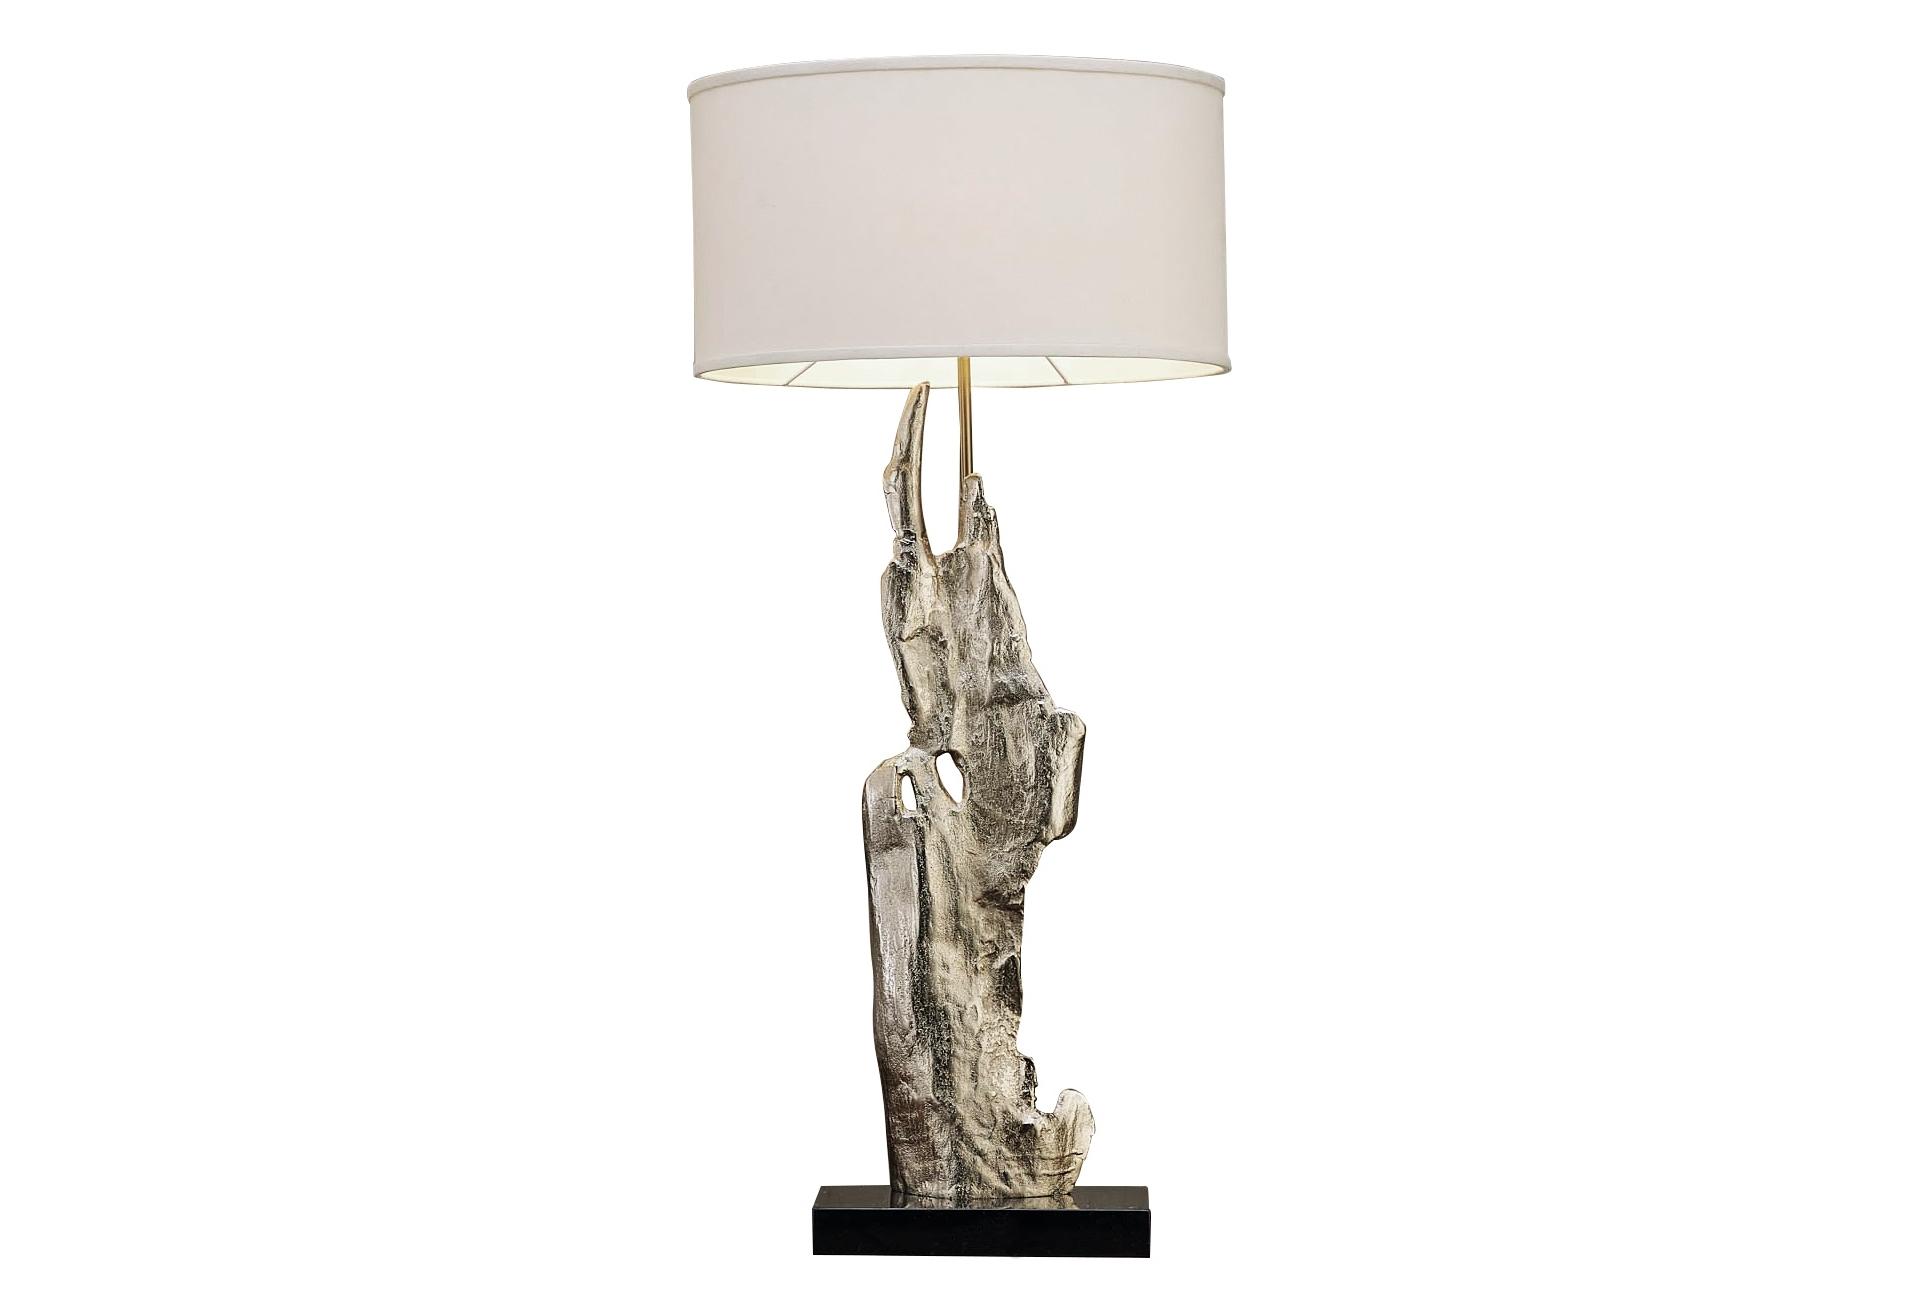 Светильник настольный MarsalaДекоративные лампы<br>&amp;lt;div&amp;gt;Настольная лампа серебристого цвета, с тканевым абажуром молочного цвета и на подставке из натурального мрамора. В любом интерьере она будет стильным элементом декора.&amp;lt;/div&amp;gt;&amp;lt;div&amp;gt;&amp;lt;br&amp;gt;&amp;lt;/div&amp;gt;&amp;lt;div&amp;gt;Вид цоколя: E27&amp;lt;/div&amp;gt;&amp;lt;div&amp;gt;Мощность: 60W&amp;lt;/div&amp;gt;&amp;lt;div&amp;gt;Количество ламп: 1 (нет в комплекте)&amp;lt;/div&amp;gt;&amp;lt;div&amp;gt;Материал: цинковый сплав&amp;lt;br&amp;gt;&amp;lt;/div&amp;gt;<br><br>Material: Металл<br>Ширина см: 43<br>Высота см: 12<br>Глубина см: 48